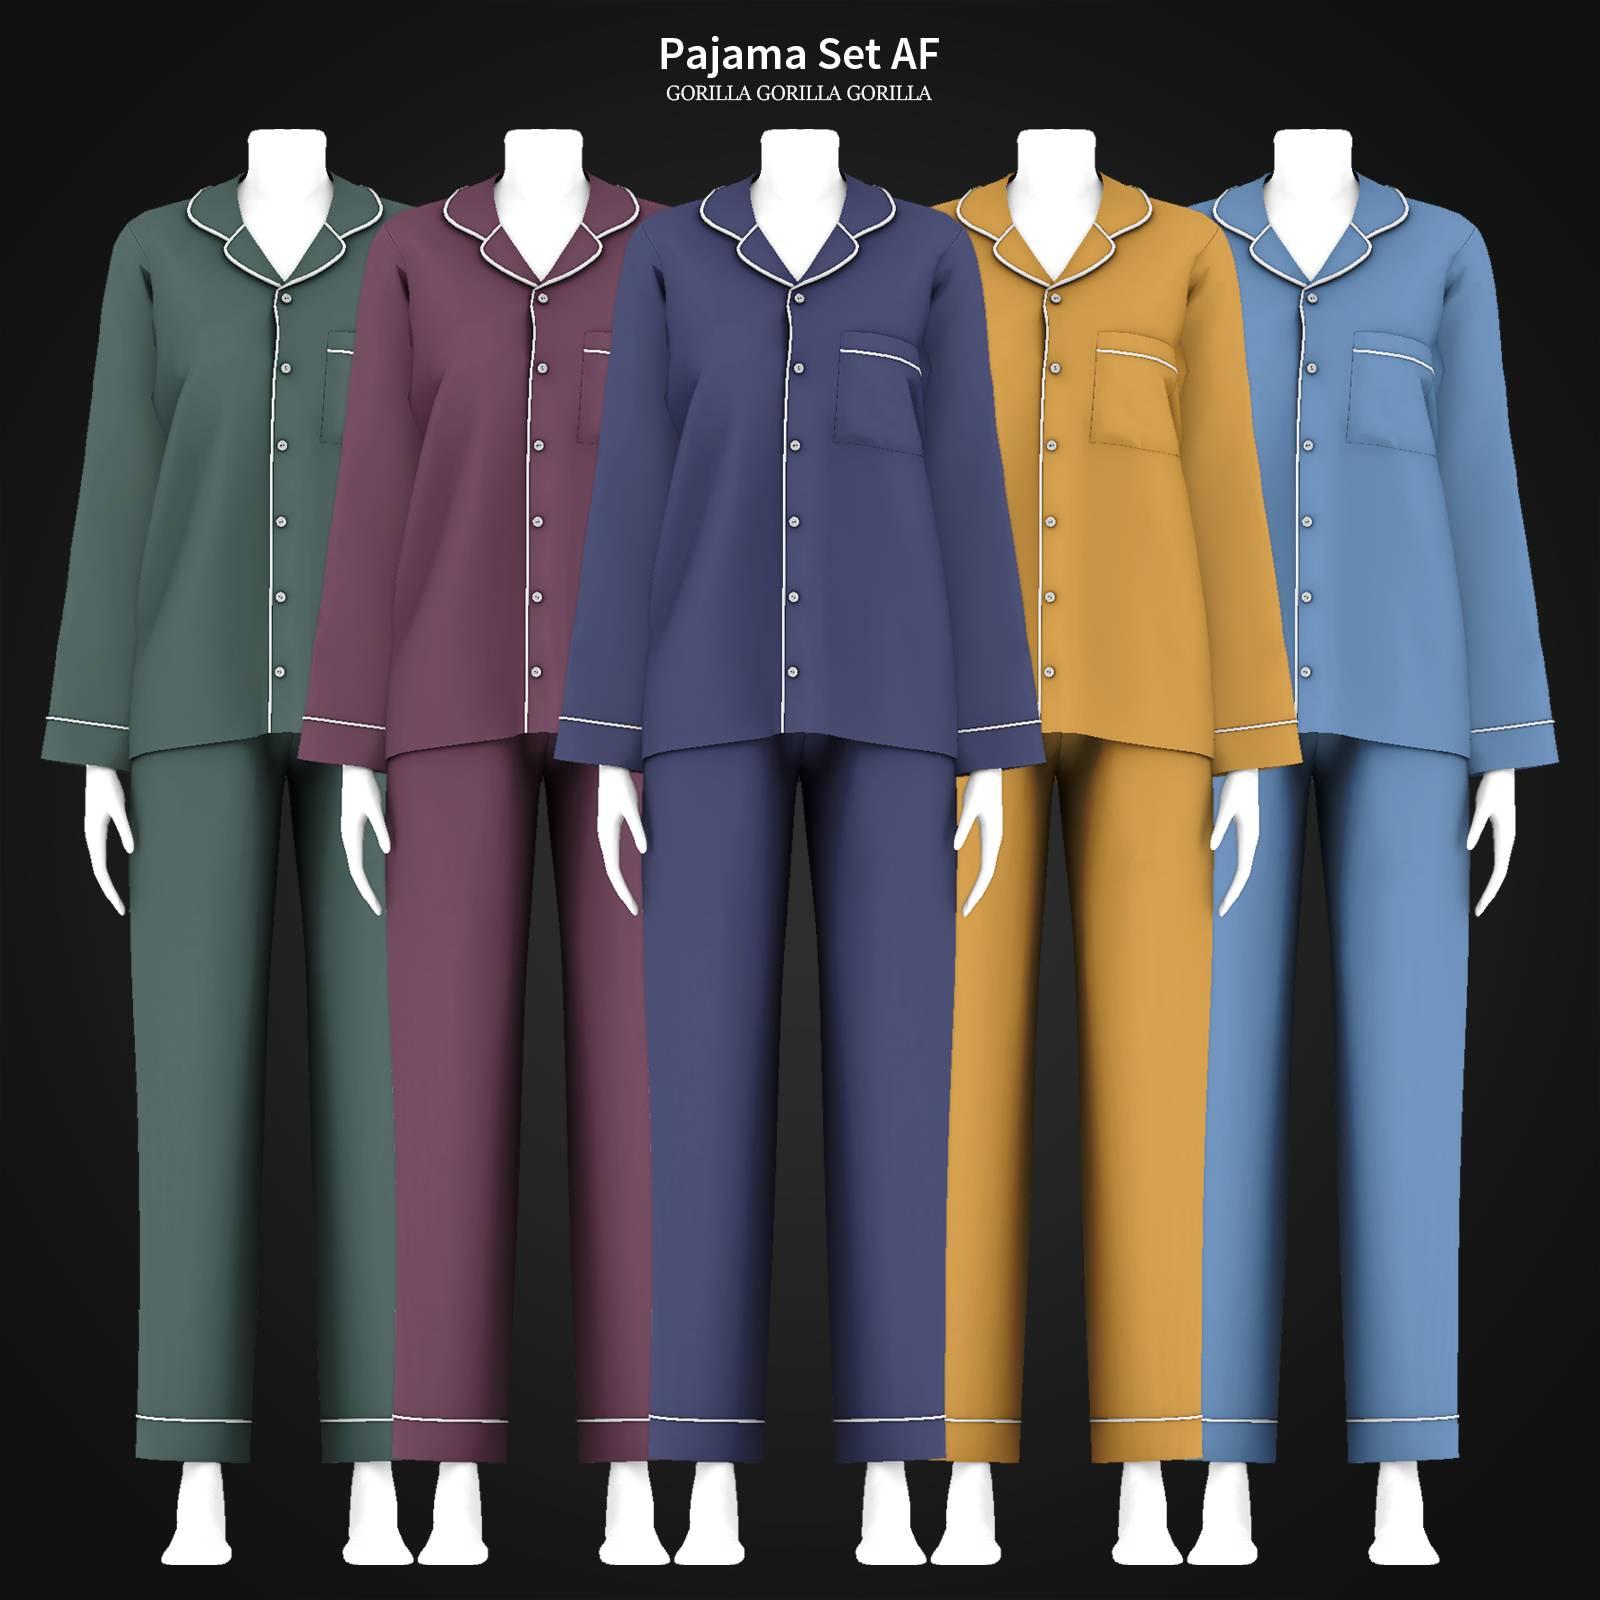 Пижама - Pajama Set AF